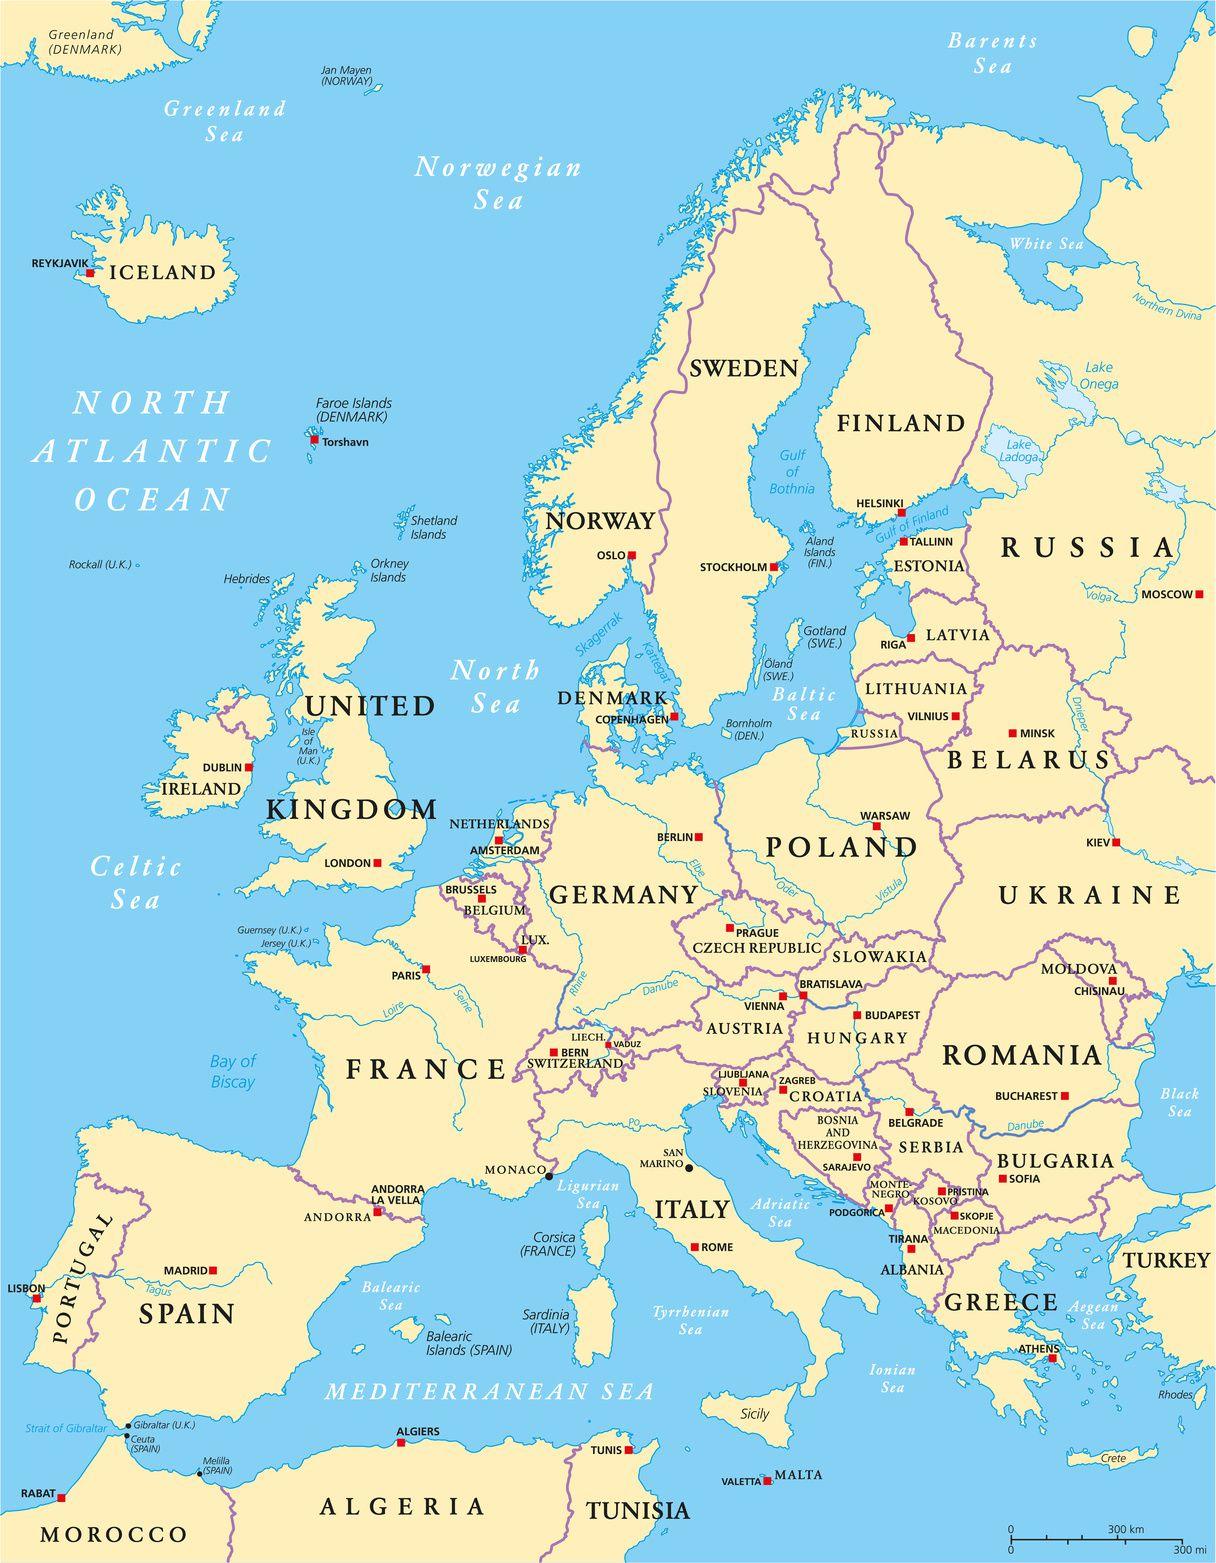 Carte De L'europe - Cartes Reliefs, Villes, Pays, Euro, Ue dedans Carte Europe Vierge